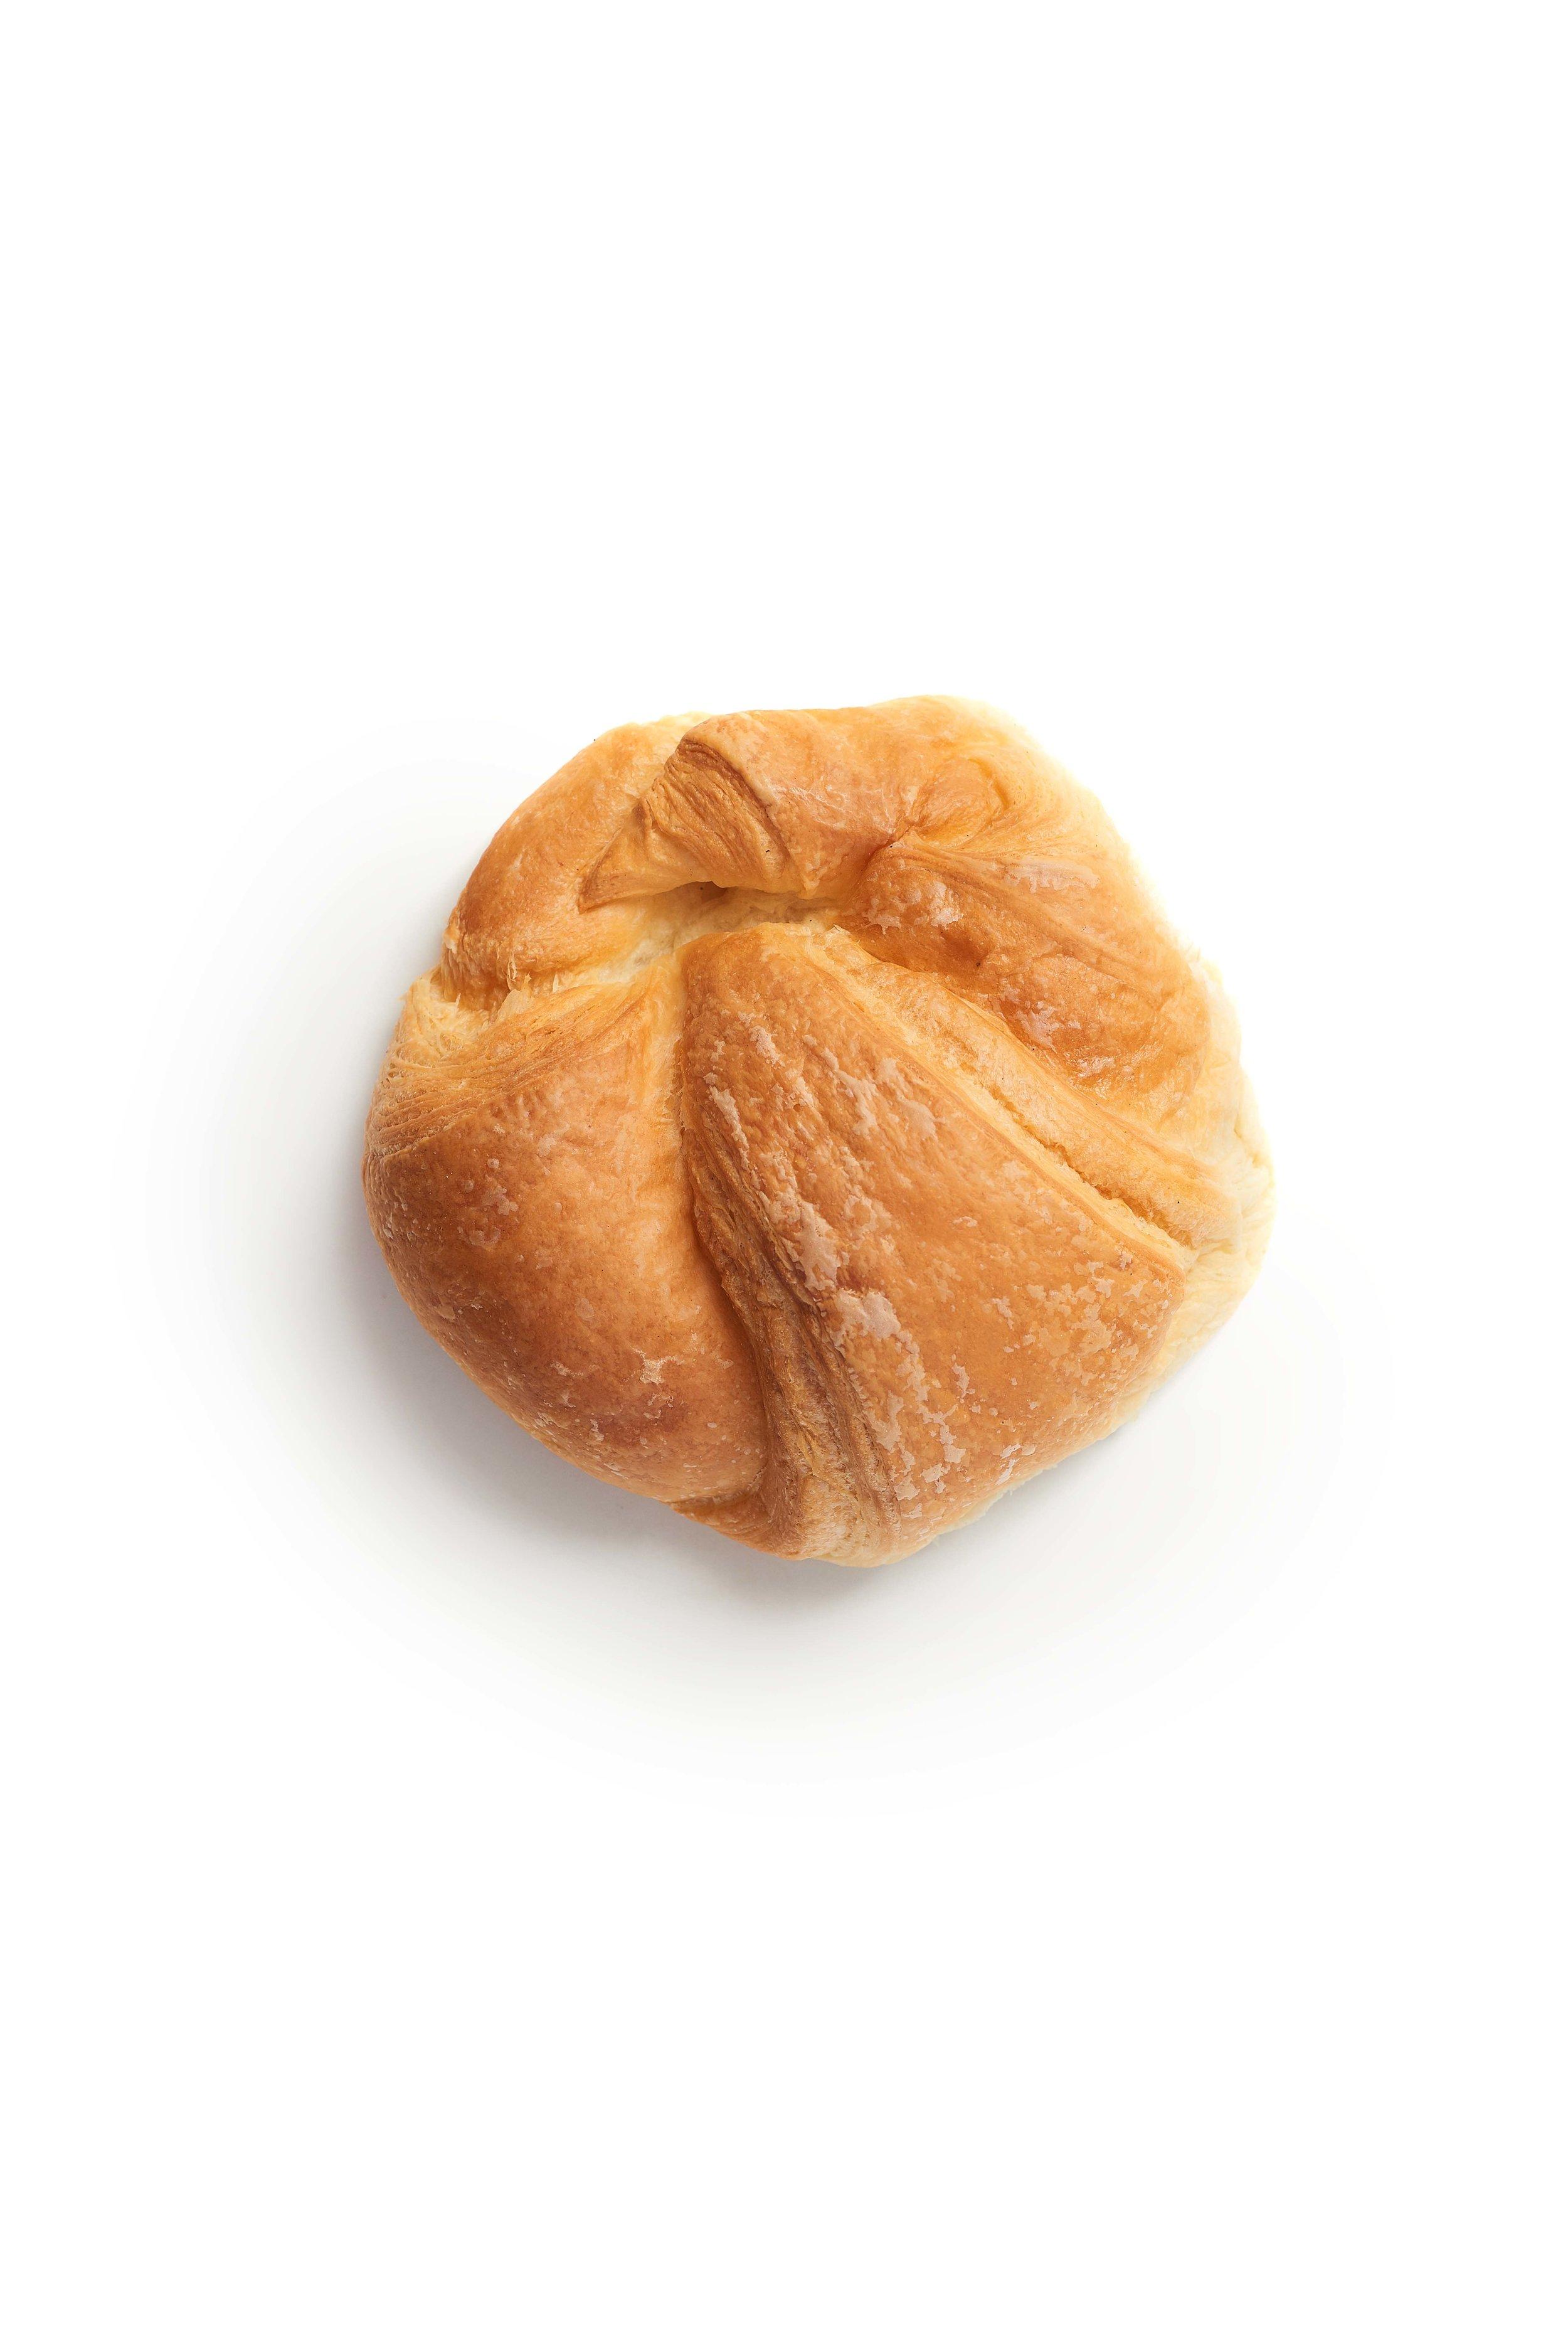 Butter Croissant.jpg